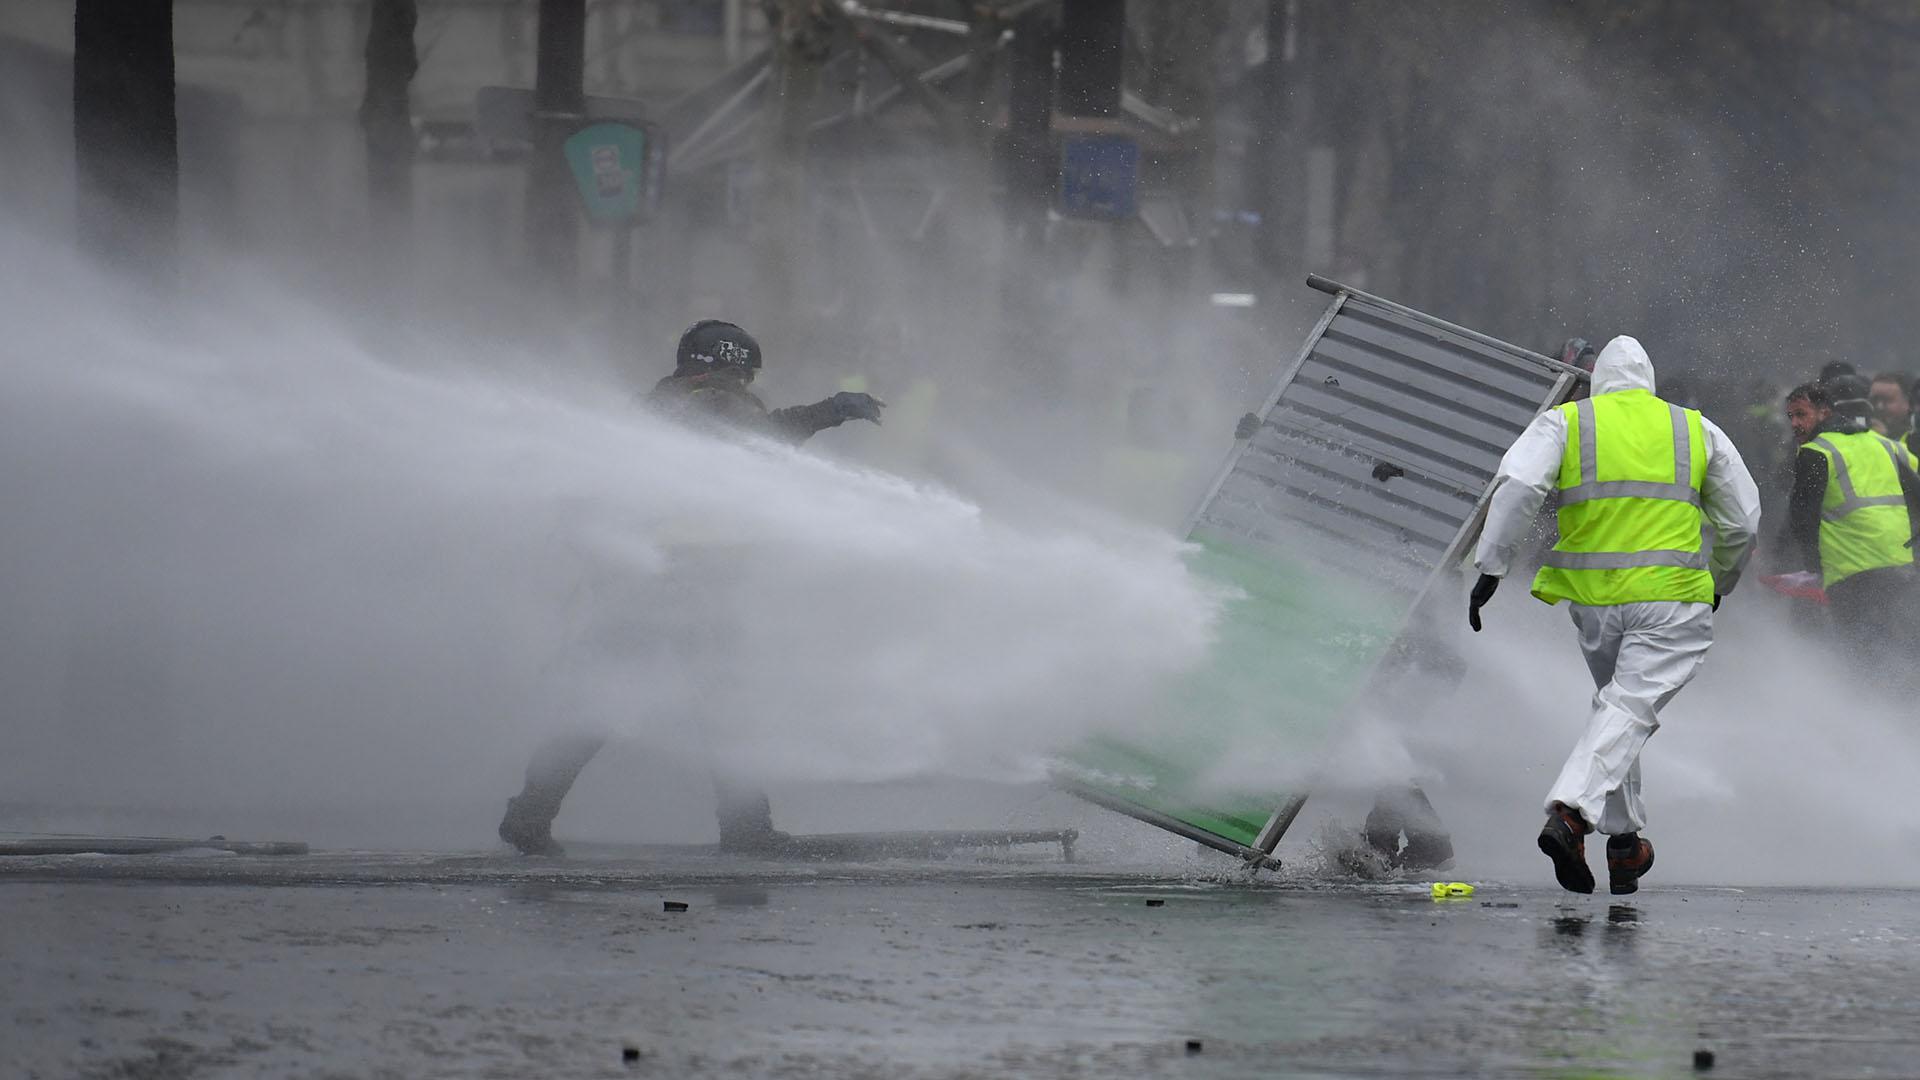 Las fuerzas de seguridad y los comerciantes han tomado sus precauciones, tras los destrozos causados el 24 de noviembre (Alain JOCARD / AFP)